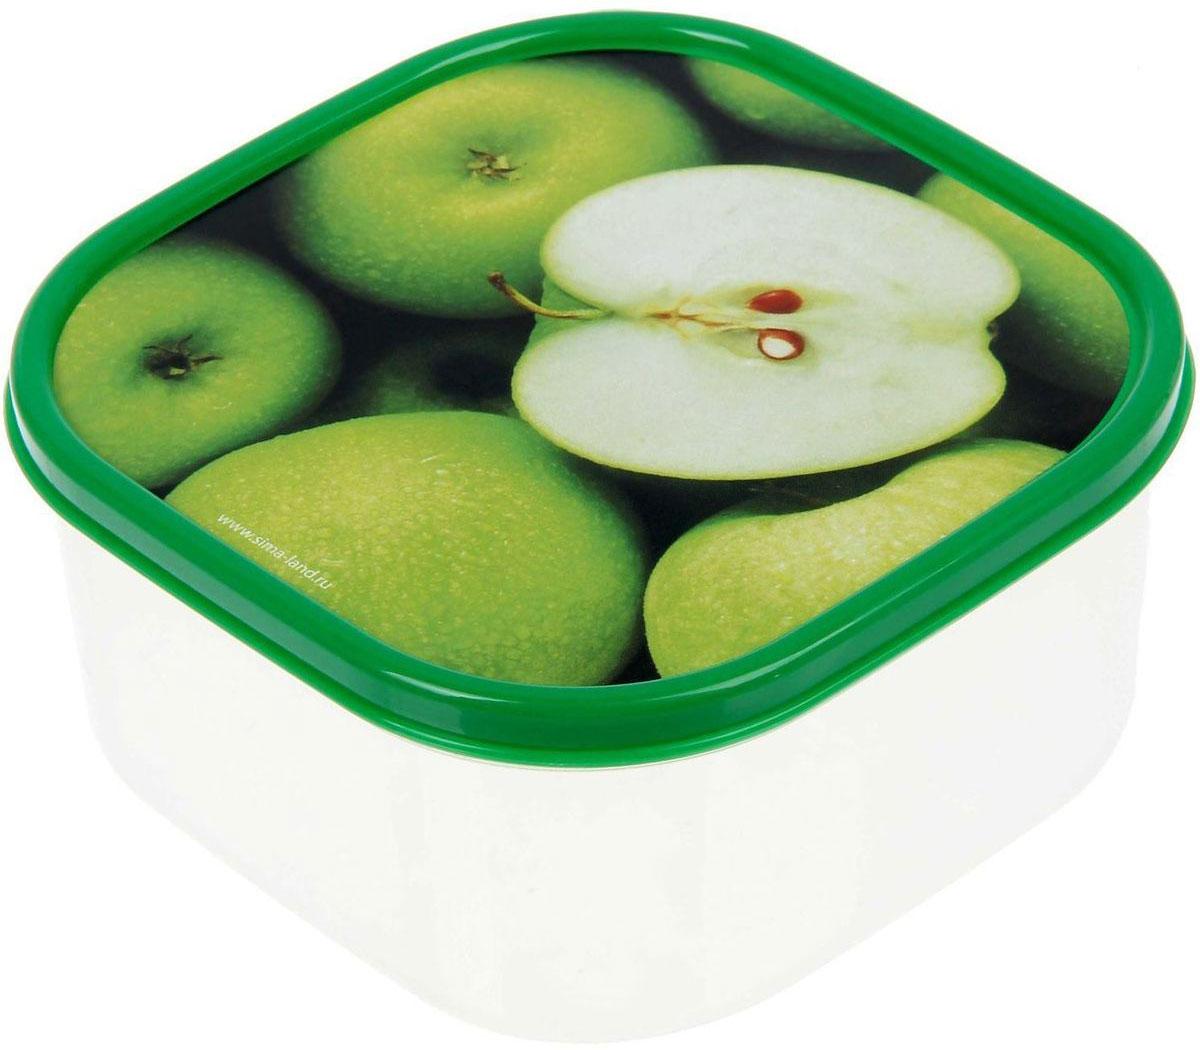 Ланч-бокс Доляна №12, квадратный, 700 млVT-1520(SR)Если после вкусного обеда осталась еда, а насладиться трапезой хочется и на следующий день, ланч-бокс станет отличным решением данной проблемы!Такой контейнер является незаменимым предметом кухонной утвари, ведь у него много преимуществ:Простота ухода. Ланч-бокс достаточно промыть тёплой водой с небольшим количеством чистящего средства, и он снова готов к использованию.Вместительность. Большой выбор форм и объёма поможет разместить разнообразные продукты от сахара до супов.Эргономичность. Ланч-боксы очень легко хранить даже в самой маленькой кухне, так как их можно поставить один в другой по принципу матрёшки.Многофункциональность. Разнообразие цветов и форм делает возможным использование контейнеров не только на кухне, но и в других областях домашнего быта.Любители приготовления обеда на всю семью в большинстве случаев приобретают ланч-боксы наборами, так как это позволяет рассортировать продукты по всевозможным признакам. К тому же контейнеры среднего размера станут незаменимыми помощниками на работе: ведь что может быть приятнее, чем порадовать себя во время обеда прекрасной едой, заботливо сохранённой в контейнере?В качестве материала для изготовления используется пластик, что делает процесс ухода за контейнером ещё более эффективным. К каждому ланч-боксу в комплекте также прилагается крышка подходящего размера, это позволяет плотно и надёжно удерживать запах еды и упрощает процесс транспортировки.Однако рекомендуется соблюдать и меры предосторожности: не использовать пластиковые контейнеры в духовых шкафах и на открытом огне, а также не разогревать в микроволновых печах при закрытой крышке ланч-бокса. Соблюдение мер безопасности позволит продлить срок эксплуатации и сохранить отличный внешний вид изделия.Эргономичный дизайн и многофункциональность таких контейнеров — вот, что является причиной большой популярности данного предмета у каждой хозяйки. А в преддверии лета и дачного сезона такое приобретение позволи